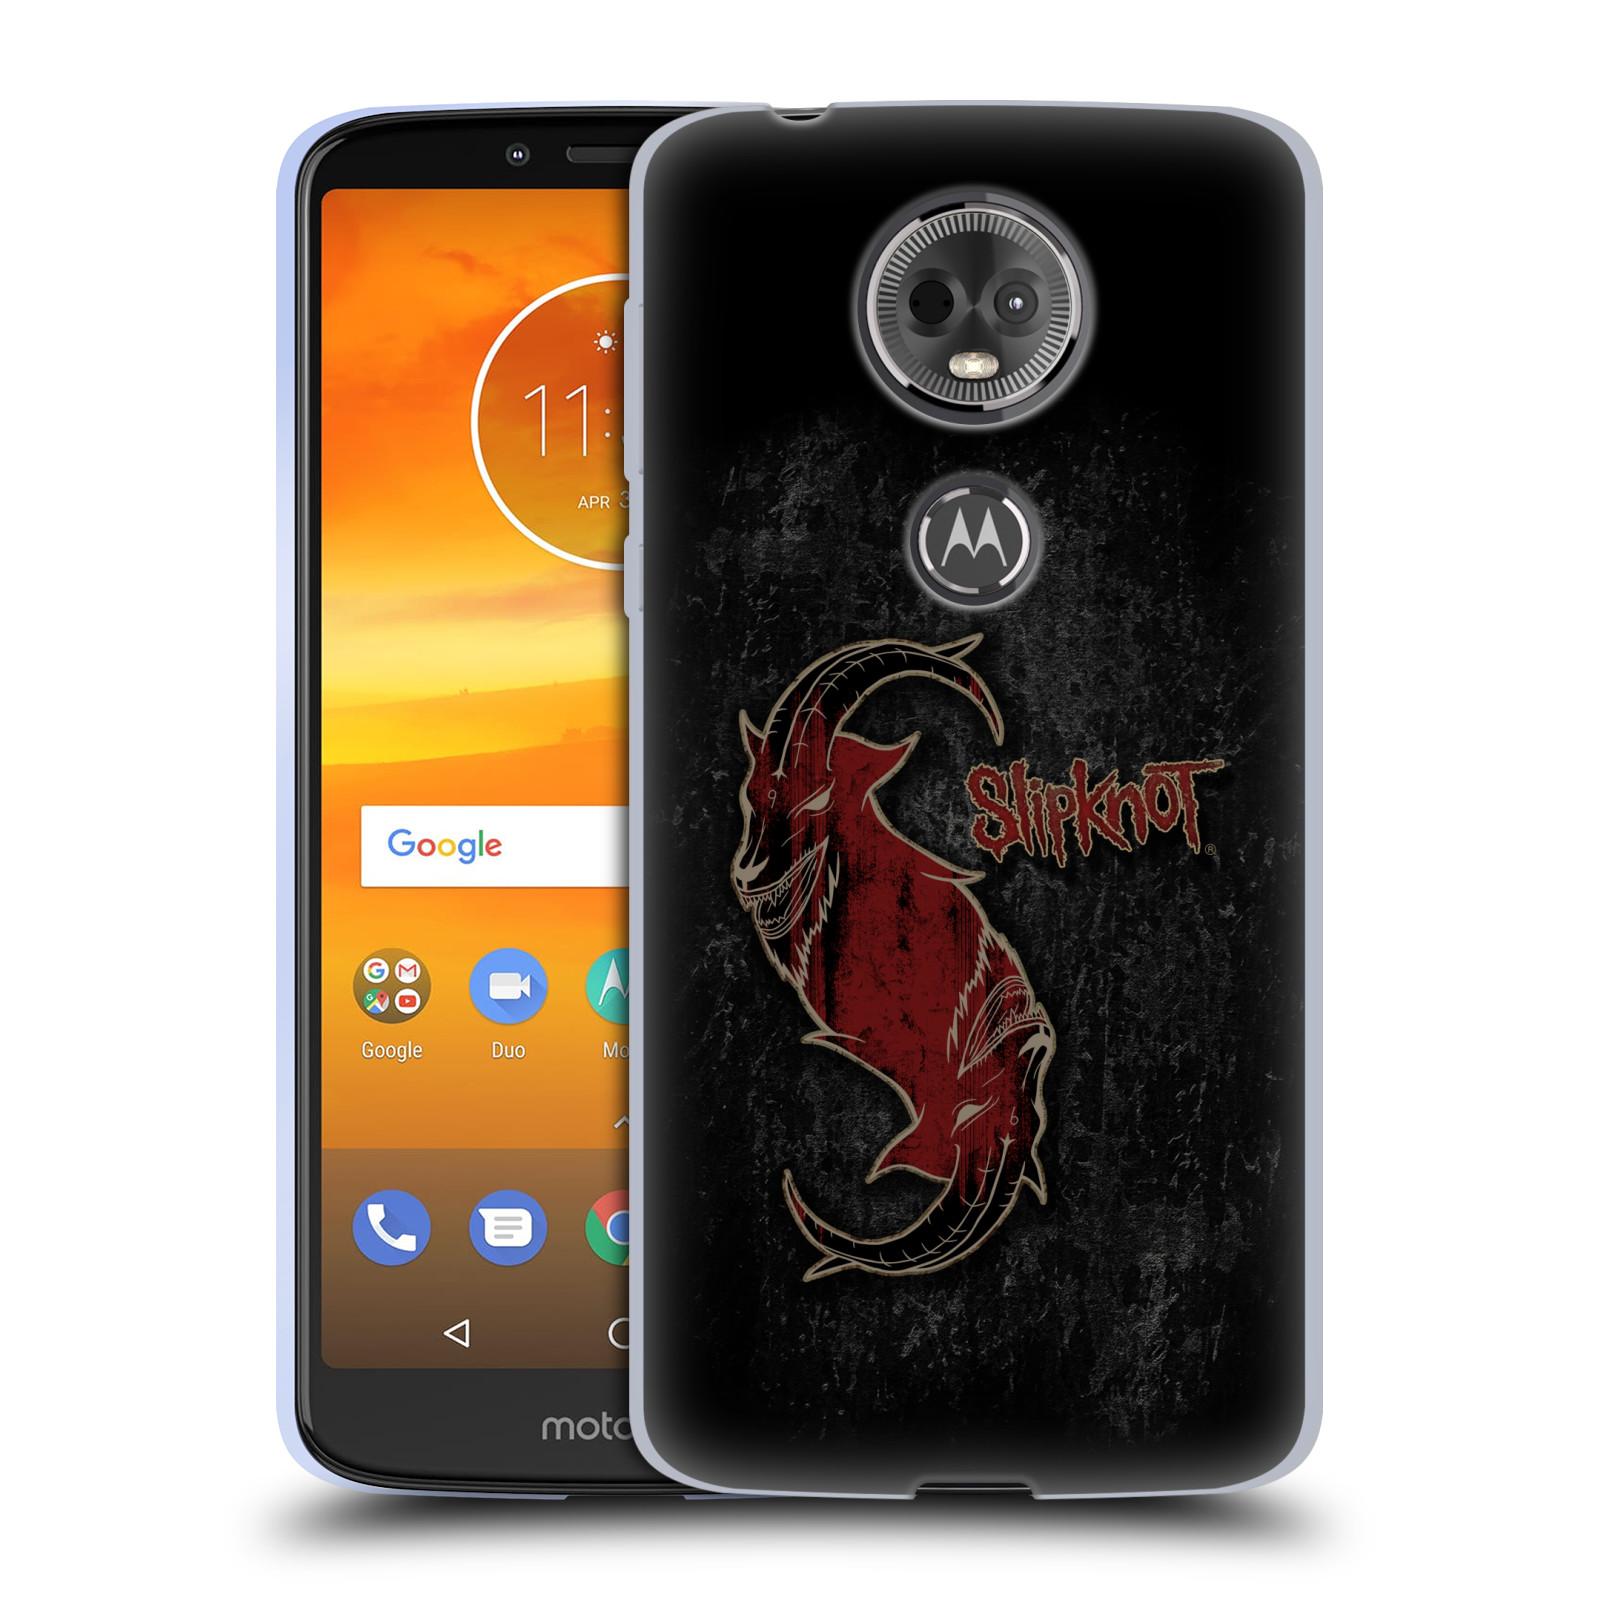 Silikonové pouzdro na mobil Motorola Moto E5 Plus - Head Case - Slipknot - Rudý kozel